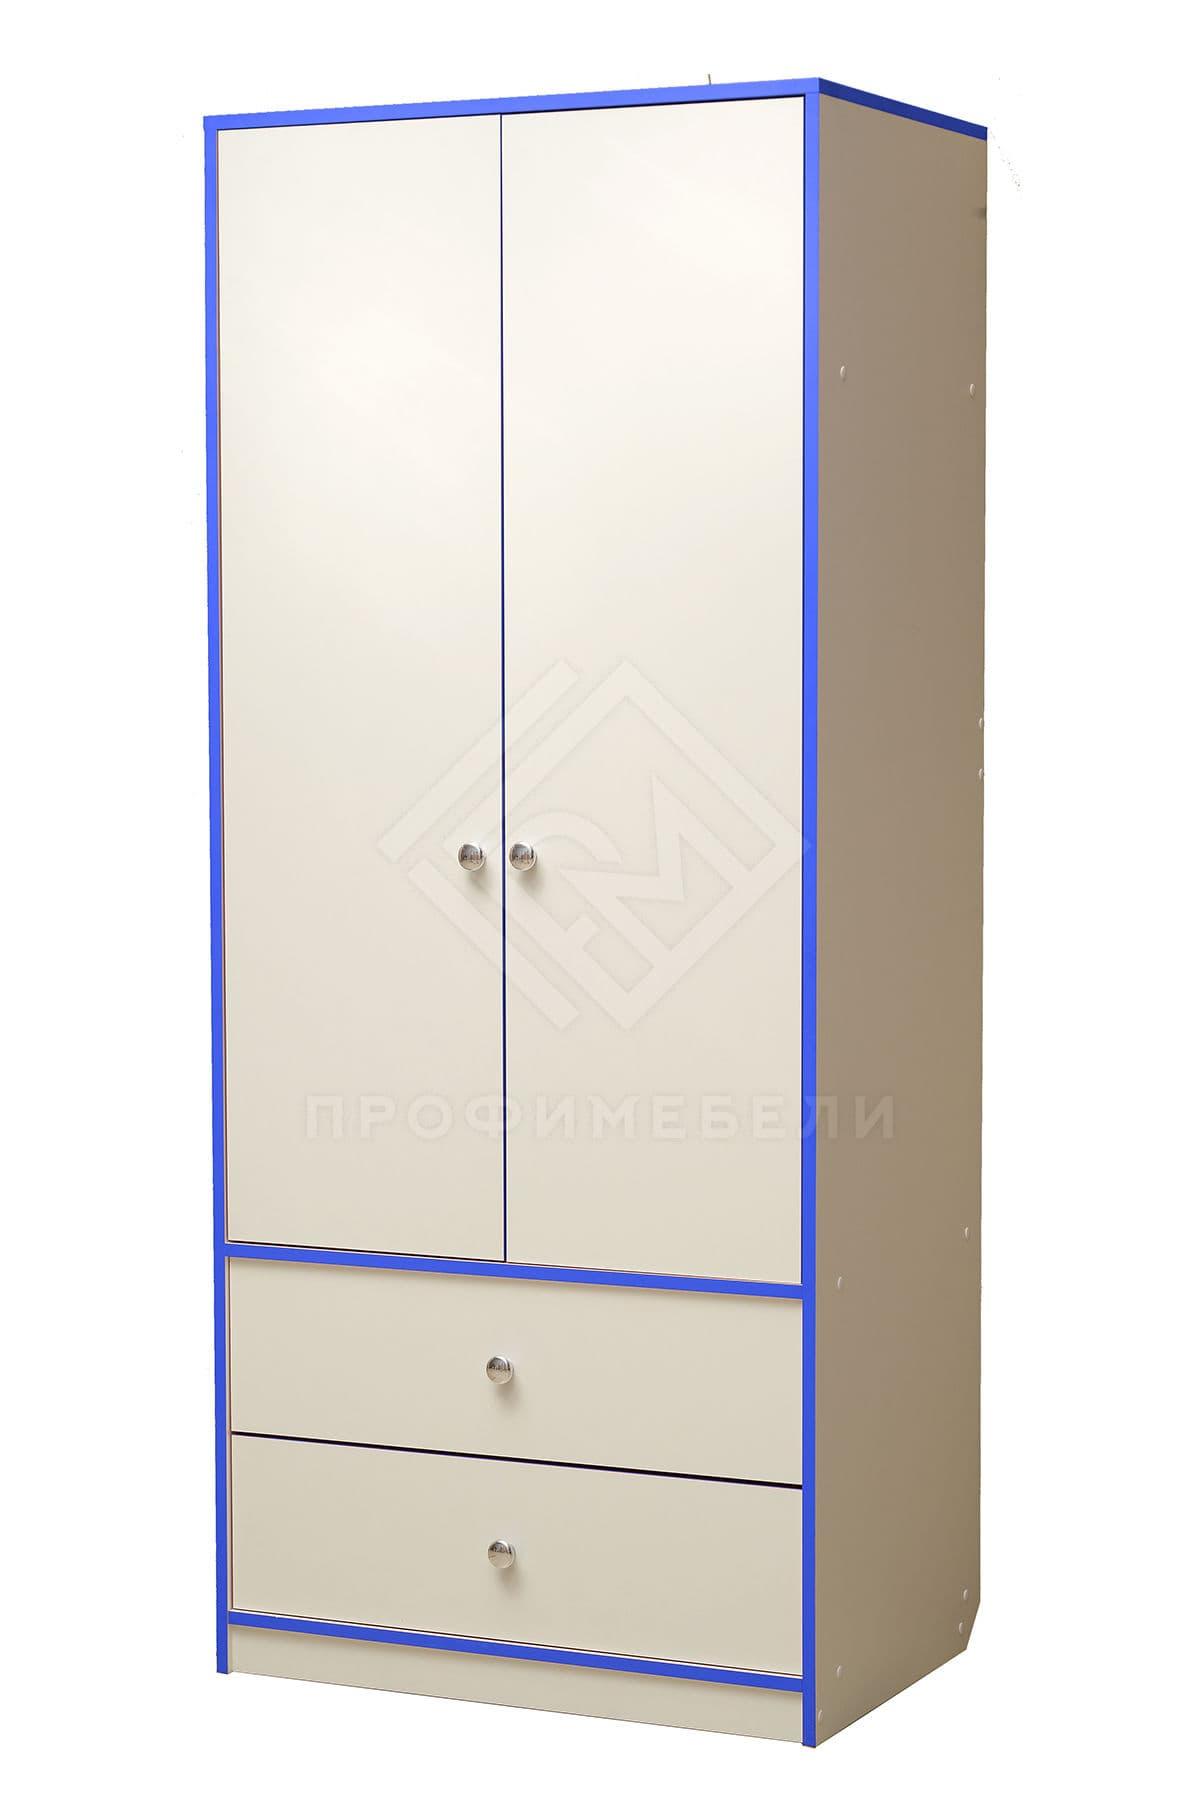 Фото - Юниор-10 Шкаф для платья и белья лдсп Белый с синей кромкой (№1)